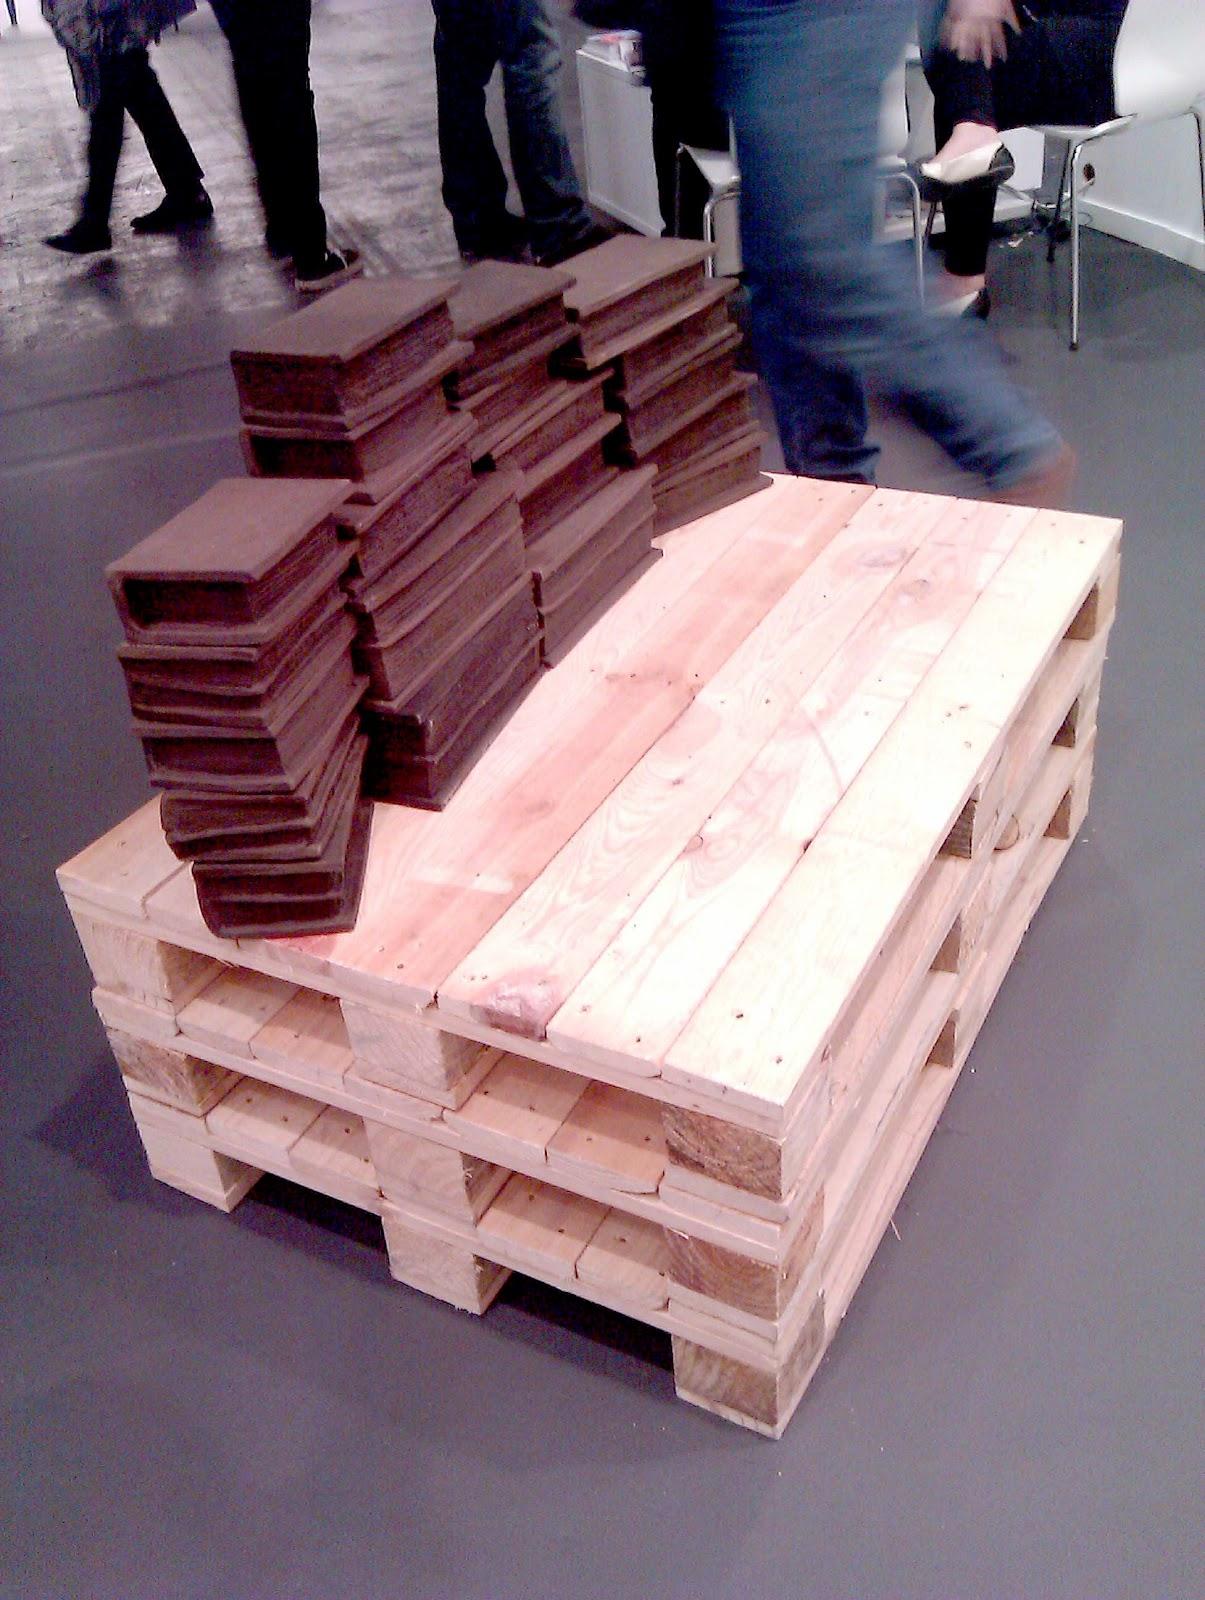 Palets en una feria de arte contempor neo s en for Como se hacen muebles con palets